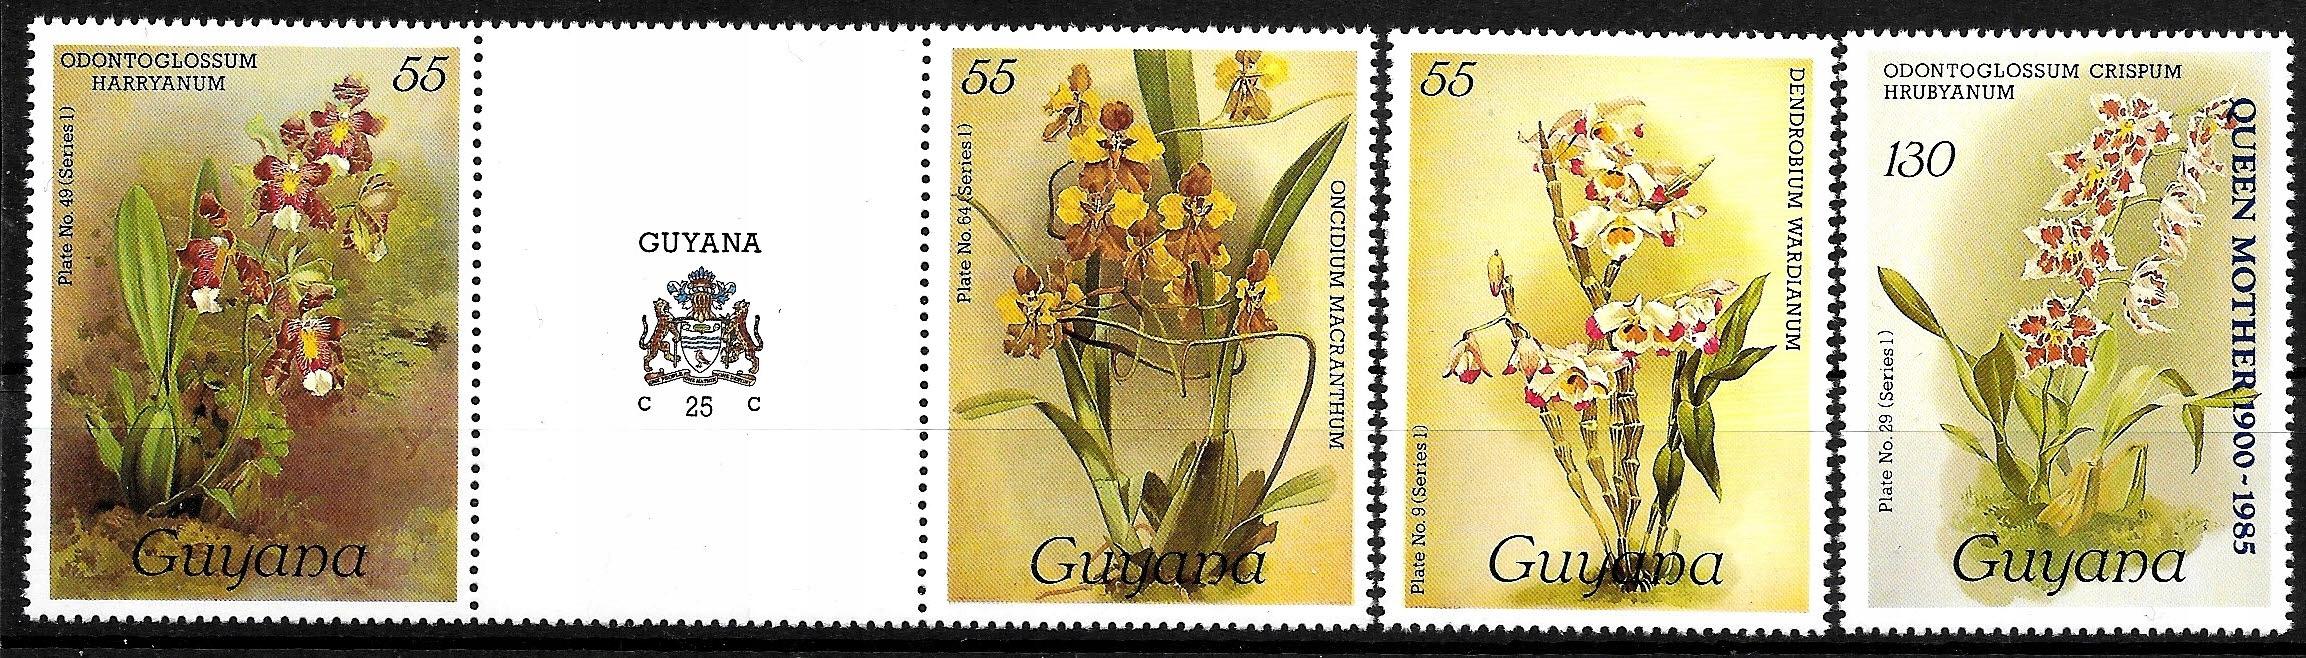 FL719 FLORA kwiaty storczyki zn.** Gujana